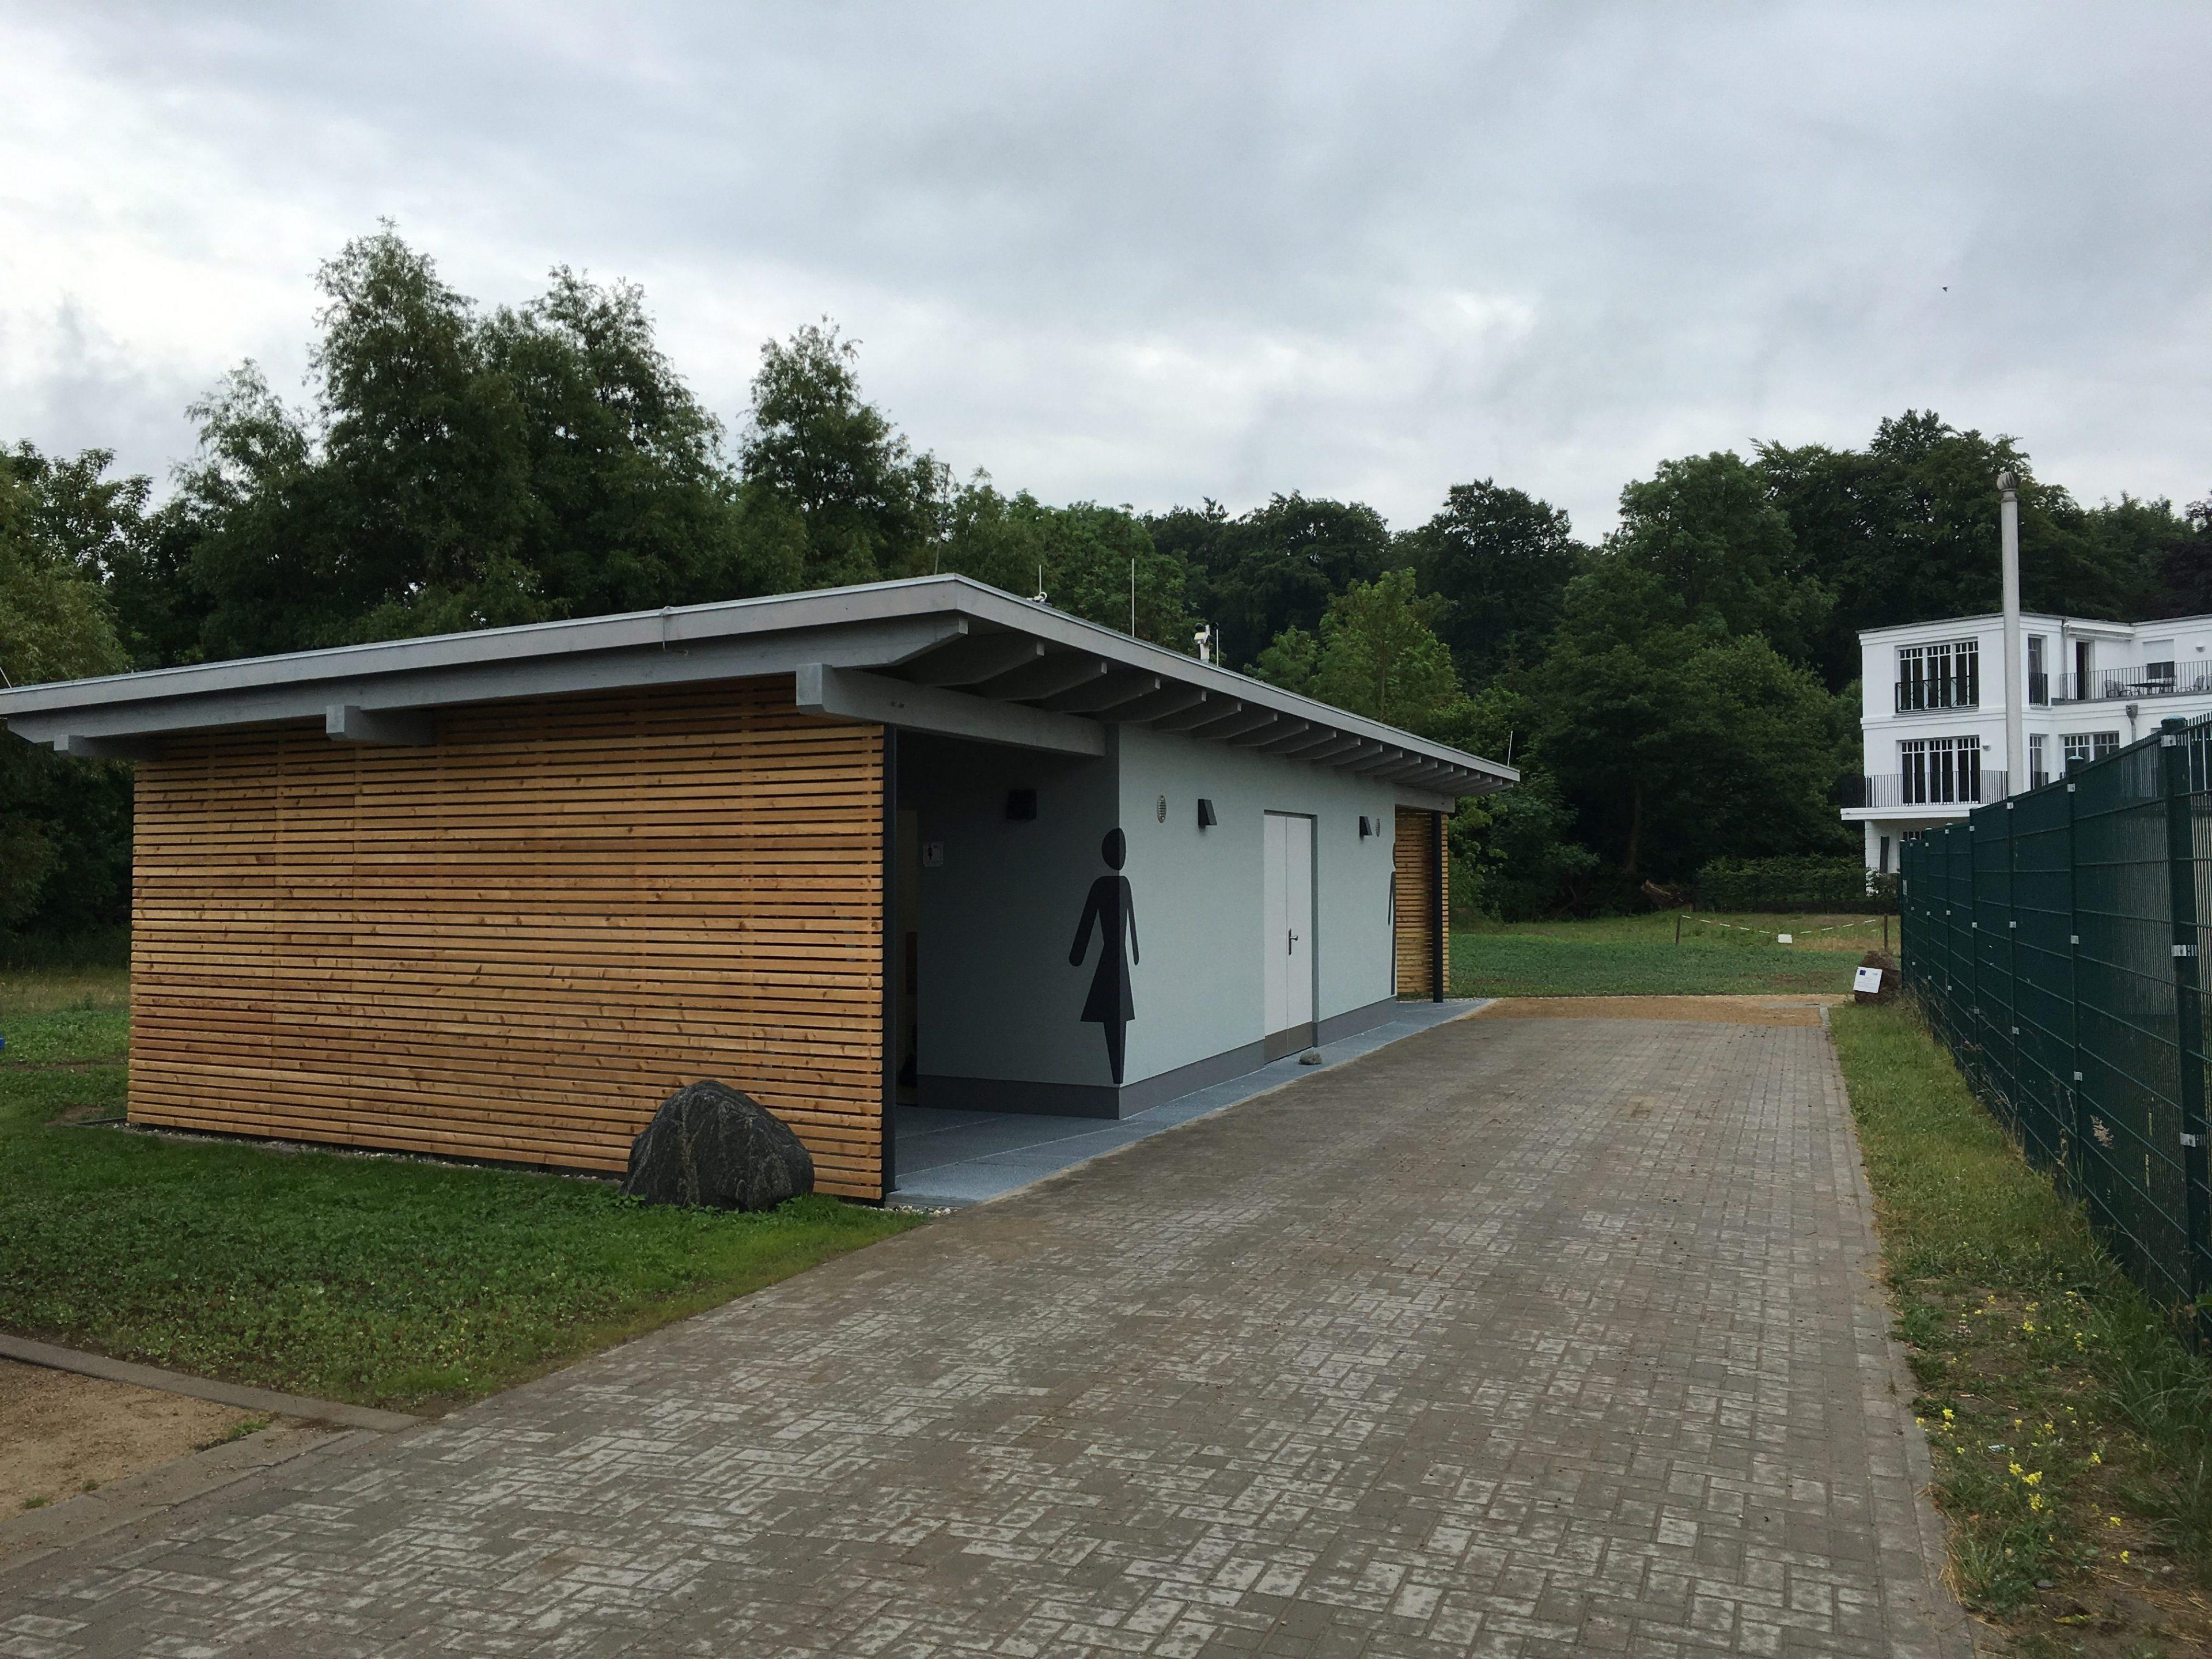 Projekte Strandtoilette Heiligendamm 1 Stephan-Scheffler GmbH